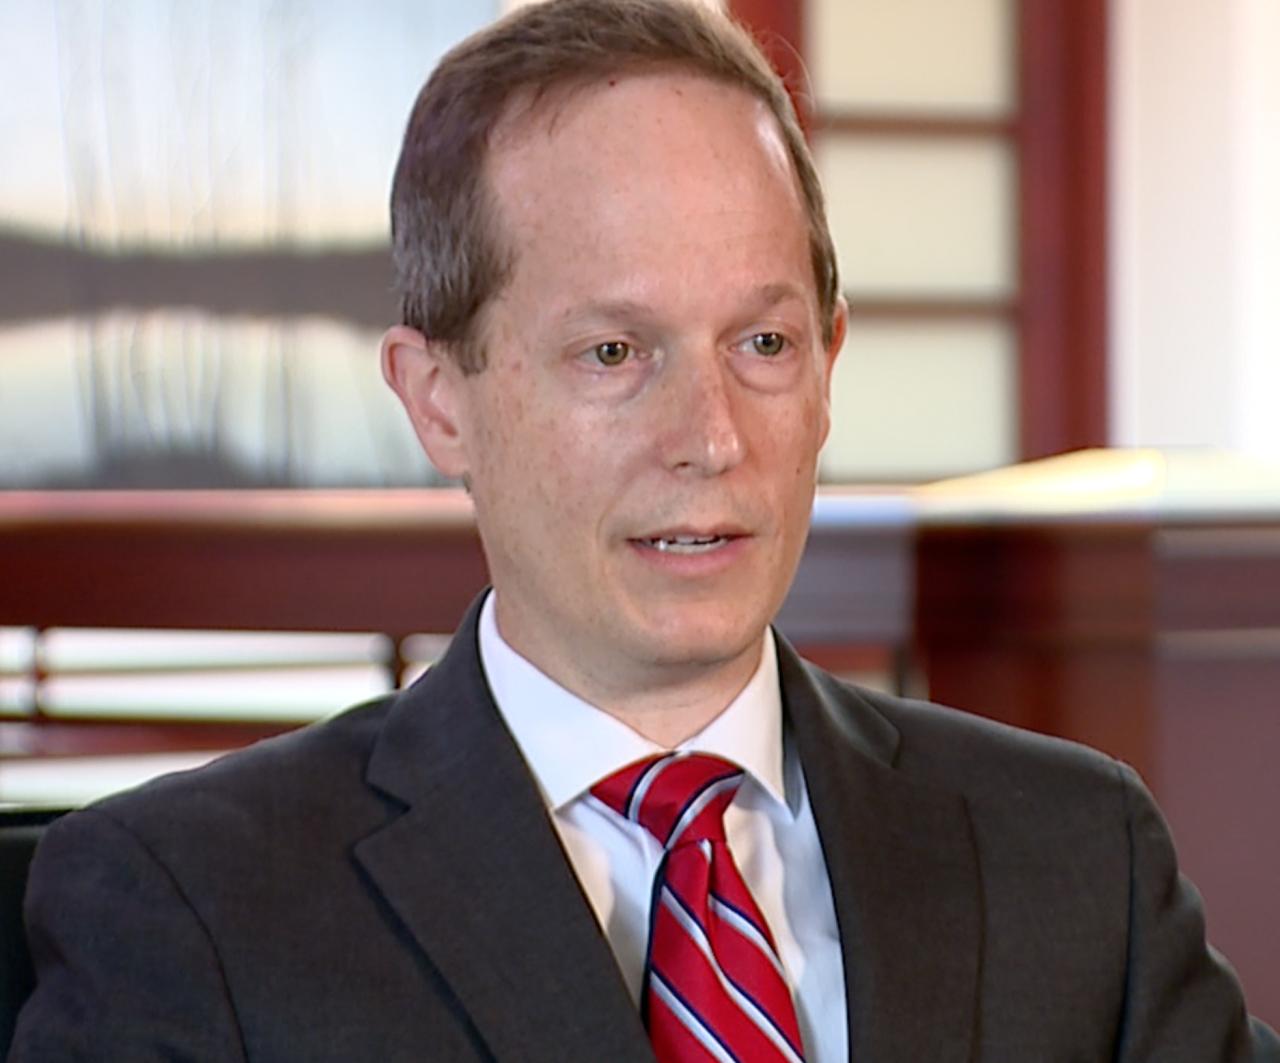 Former United States Attorney Ben Glassman